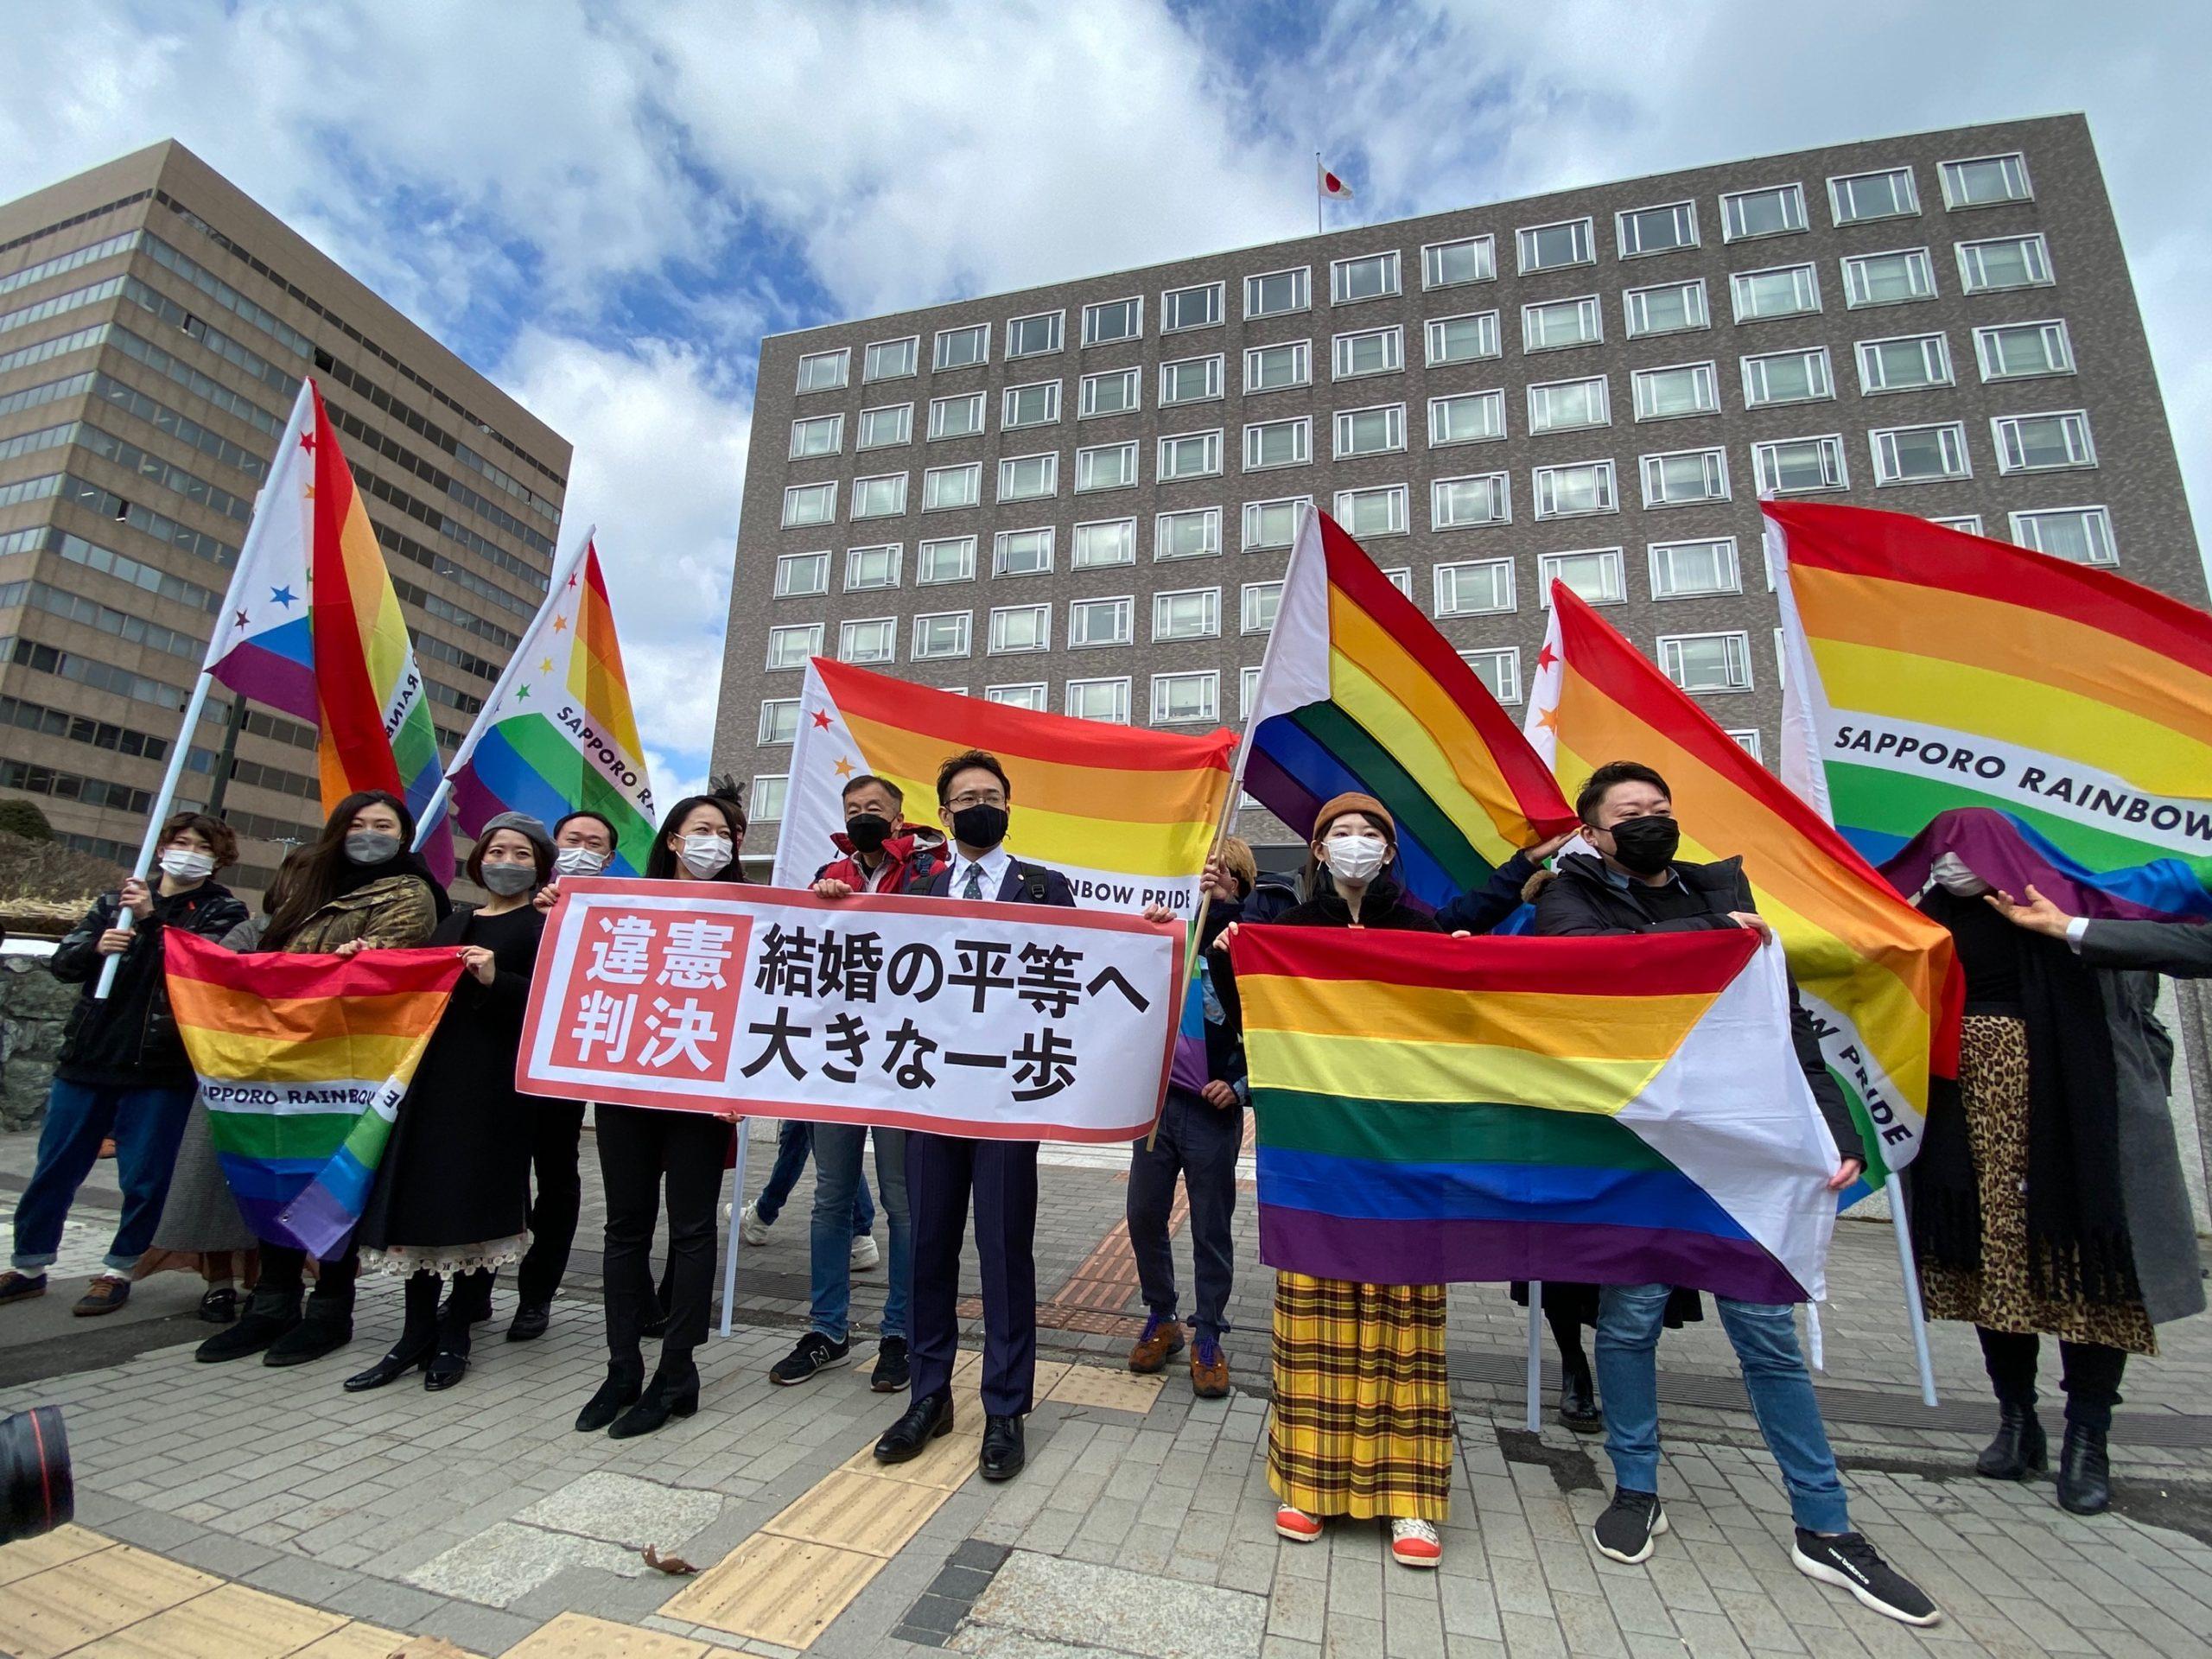 「結婚の自由をすべての人に」訴訟 北海道訴訟の札幌地裁判決を受けて